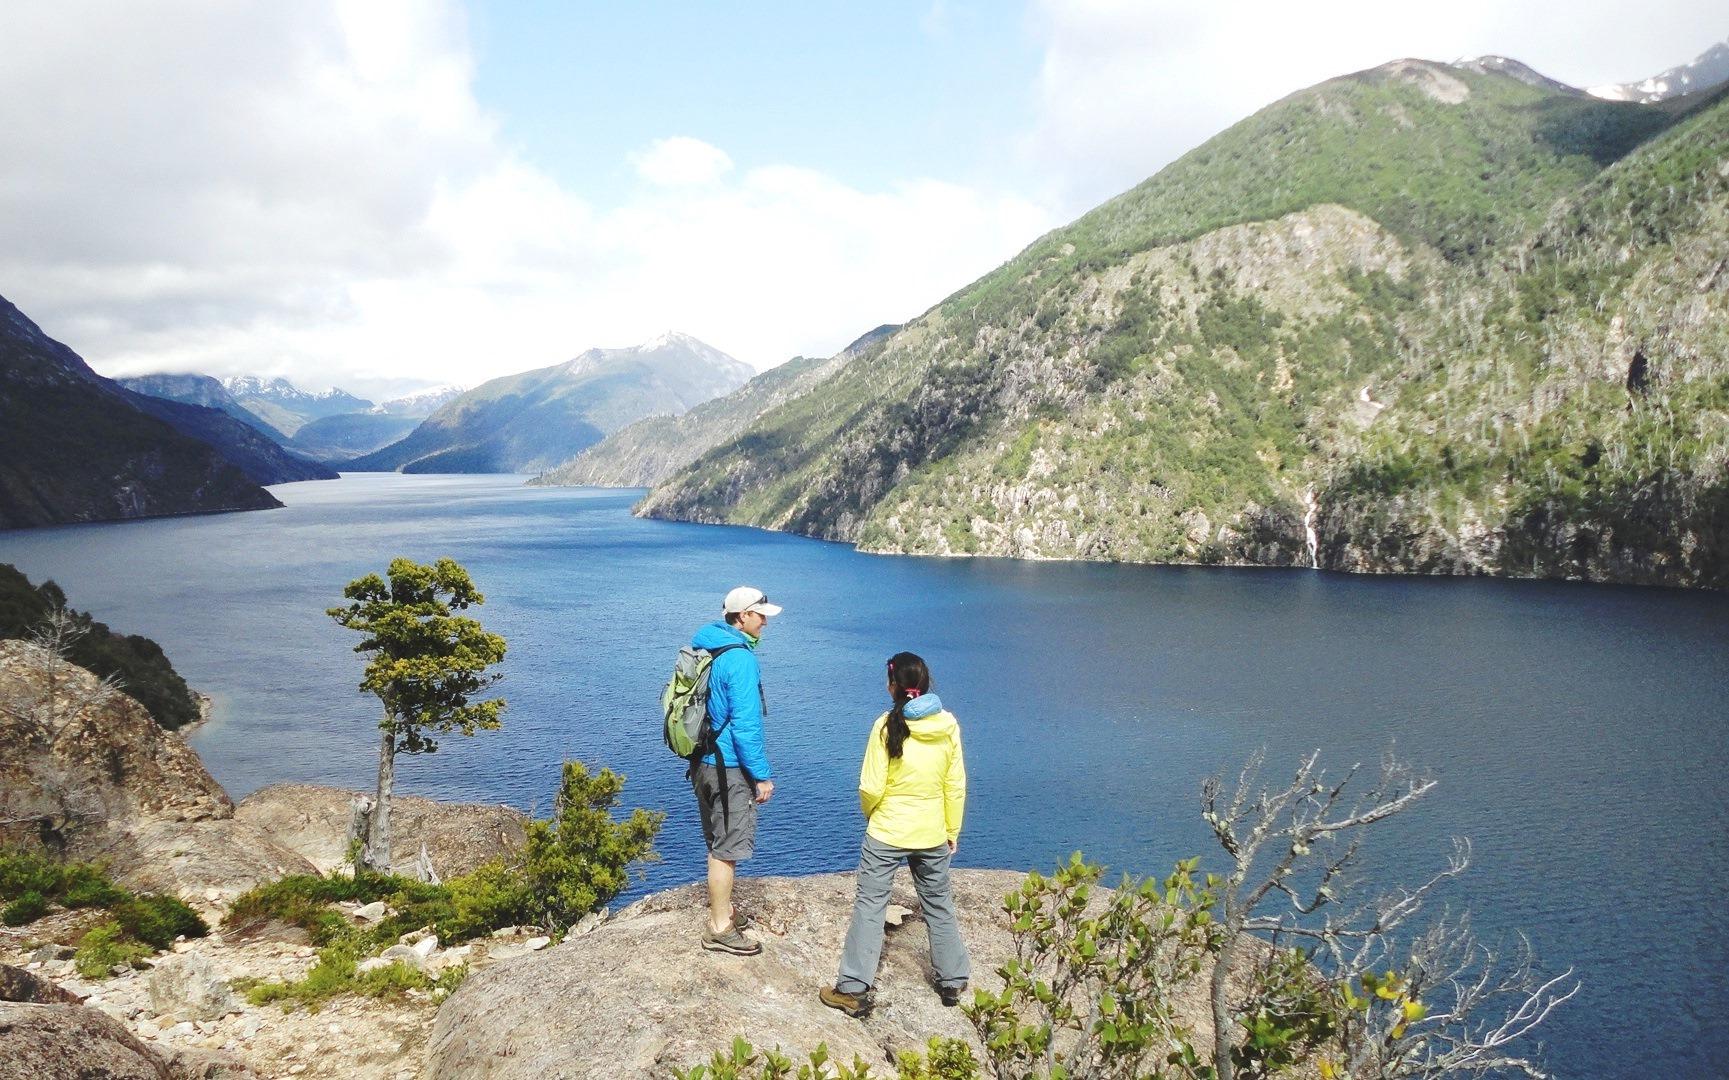 バリローチェには氷河湖が多く、ハイキングのトレイルからは絶景が広がる(4日目)